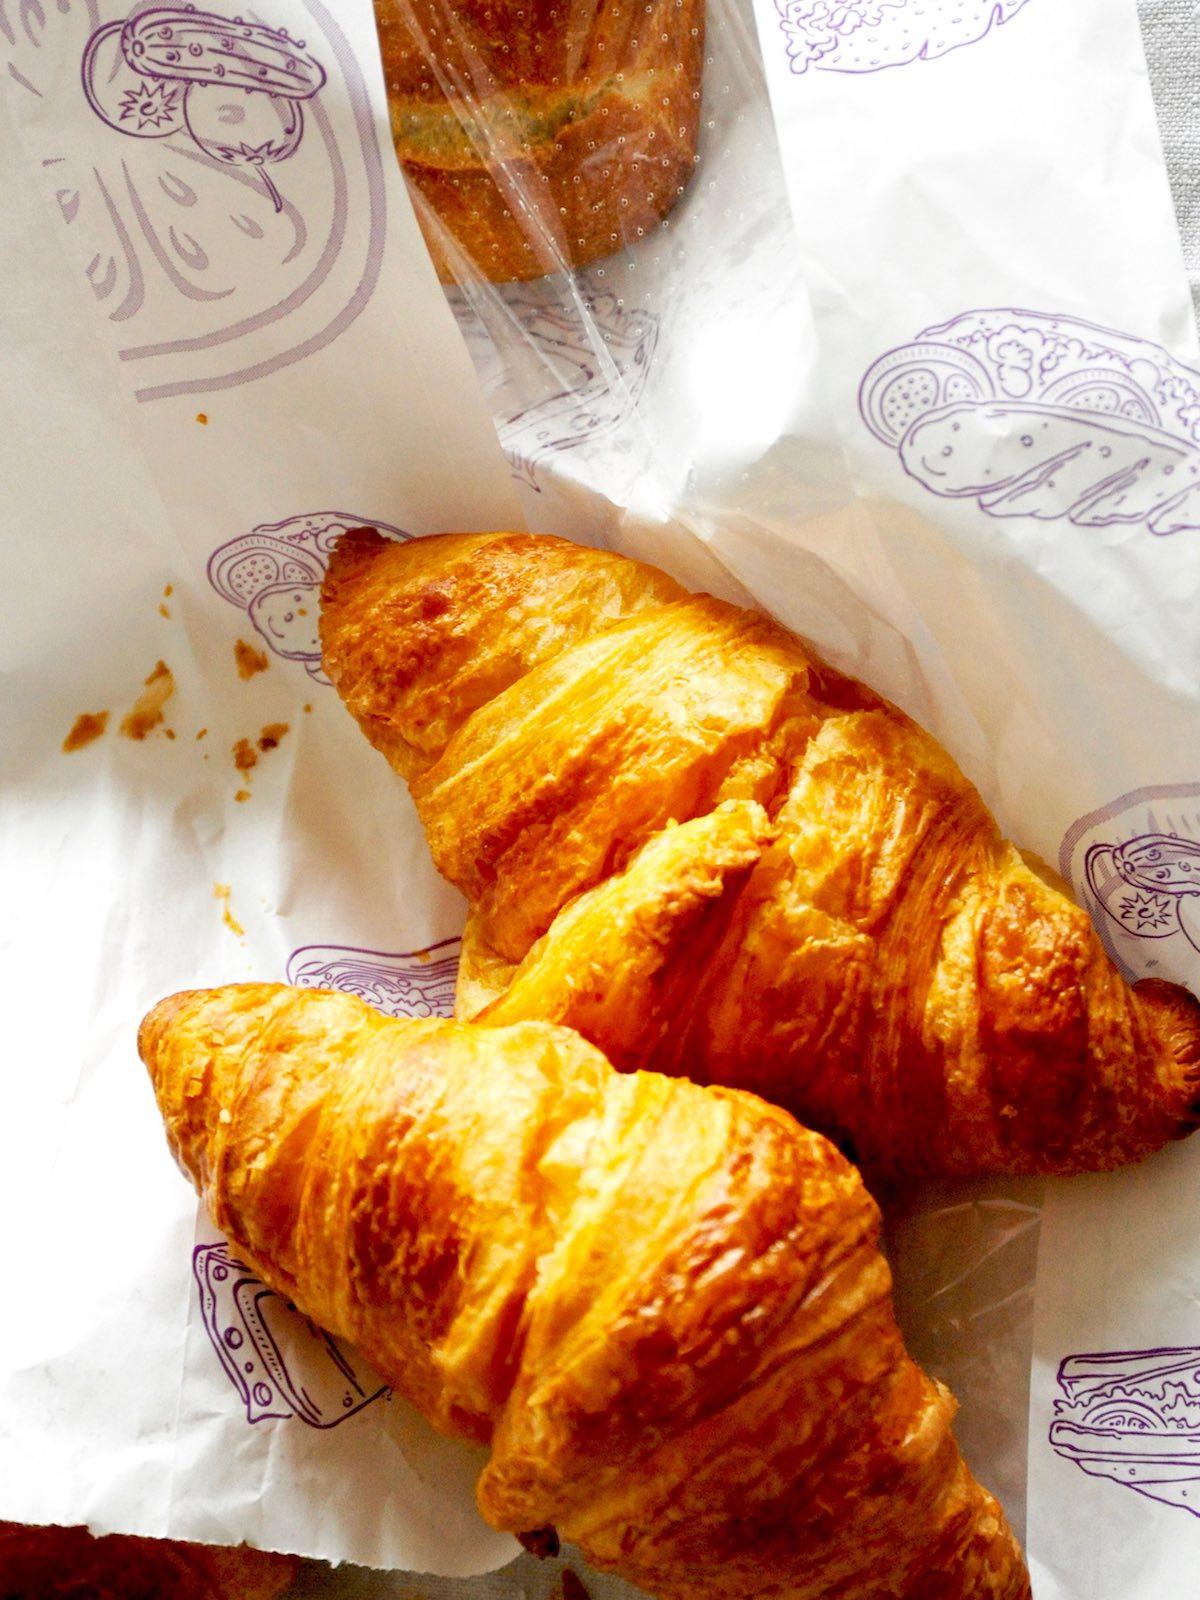 Französische Croissants auf Tüte